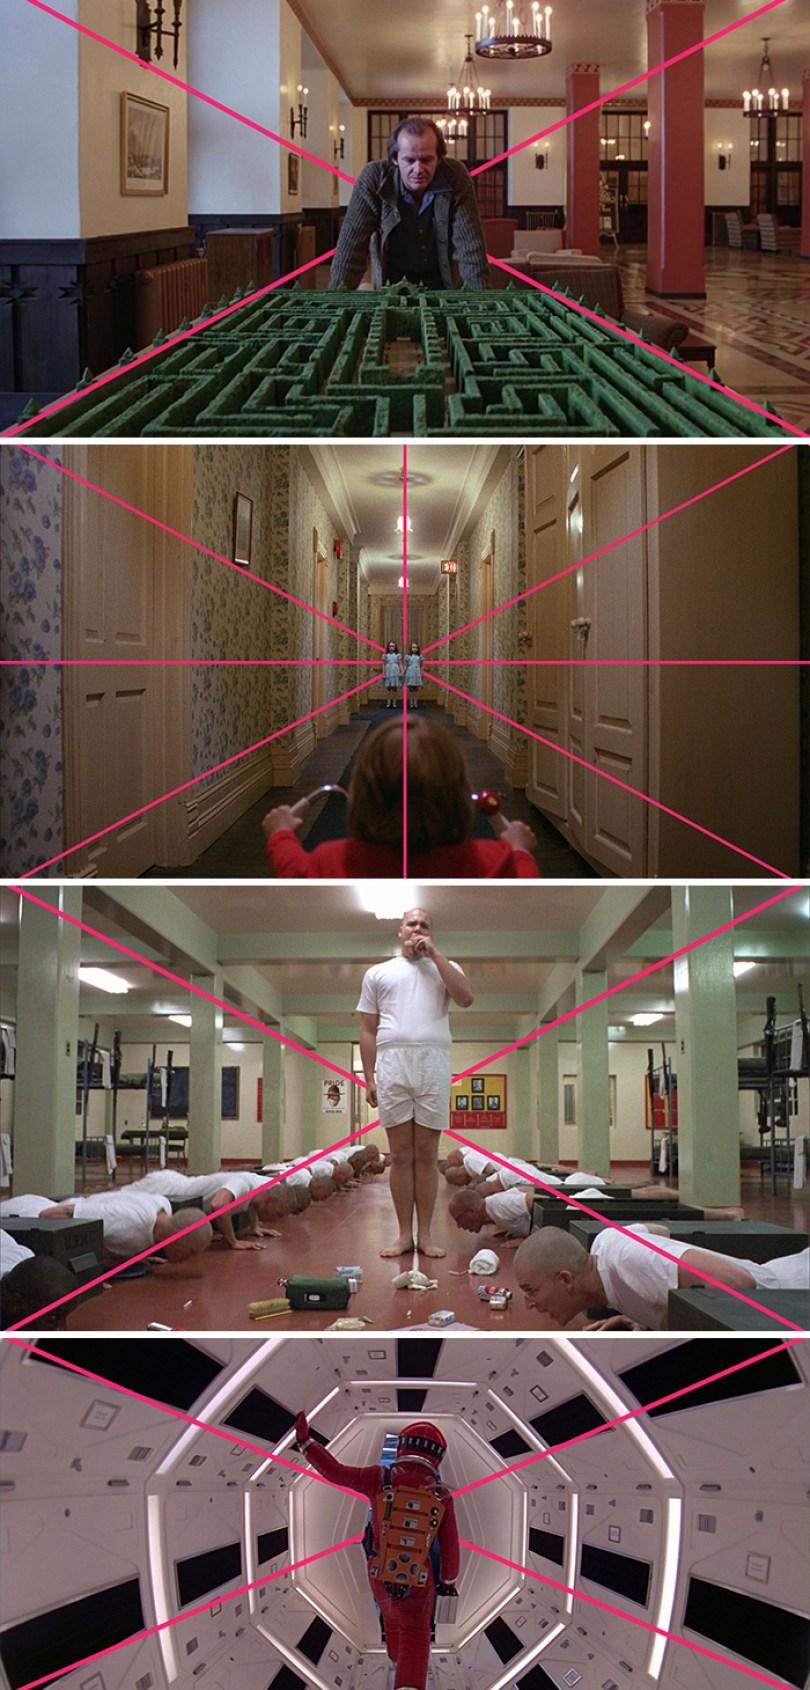 605da64695530 film scenes composition lines raymond thi 8 605b2a3cc5ead  700 - Regra dos terços ainda é muito usada na TV e no Cinema